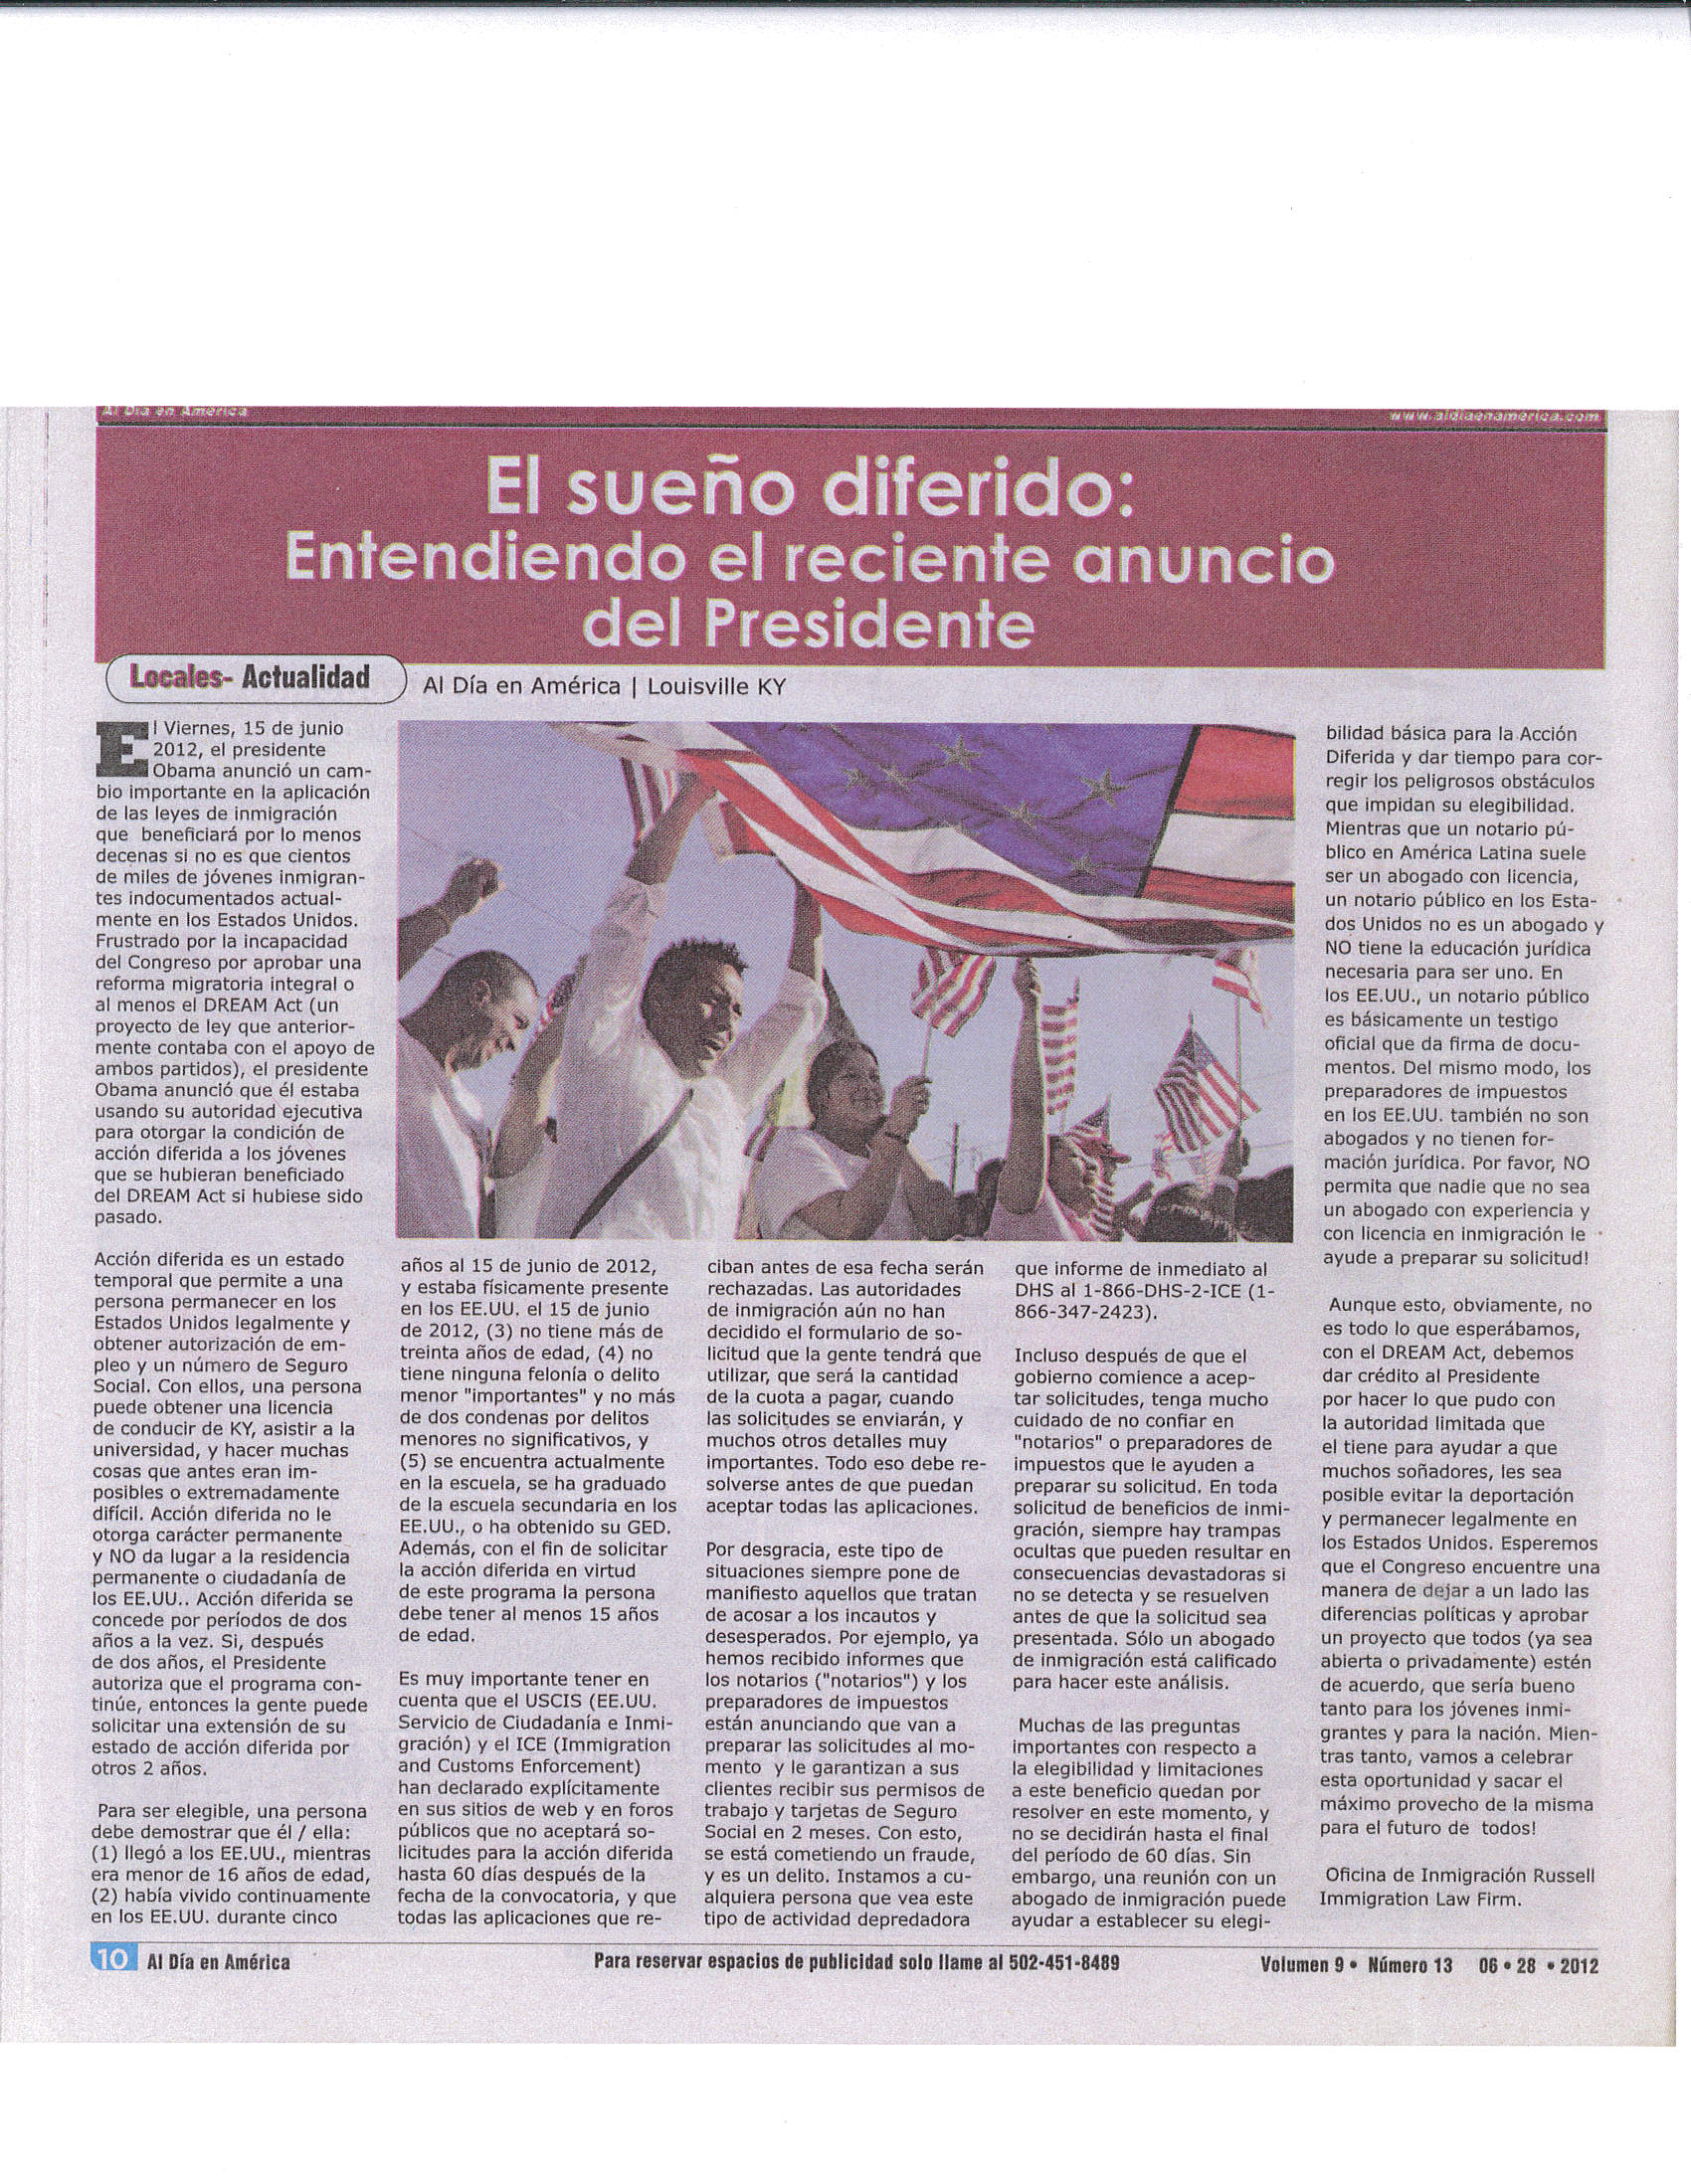 2012.06.28 El Sueno Diferido (Al Dia).jpg